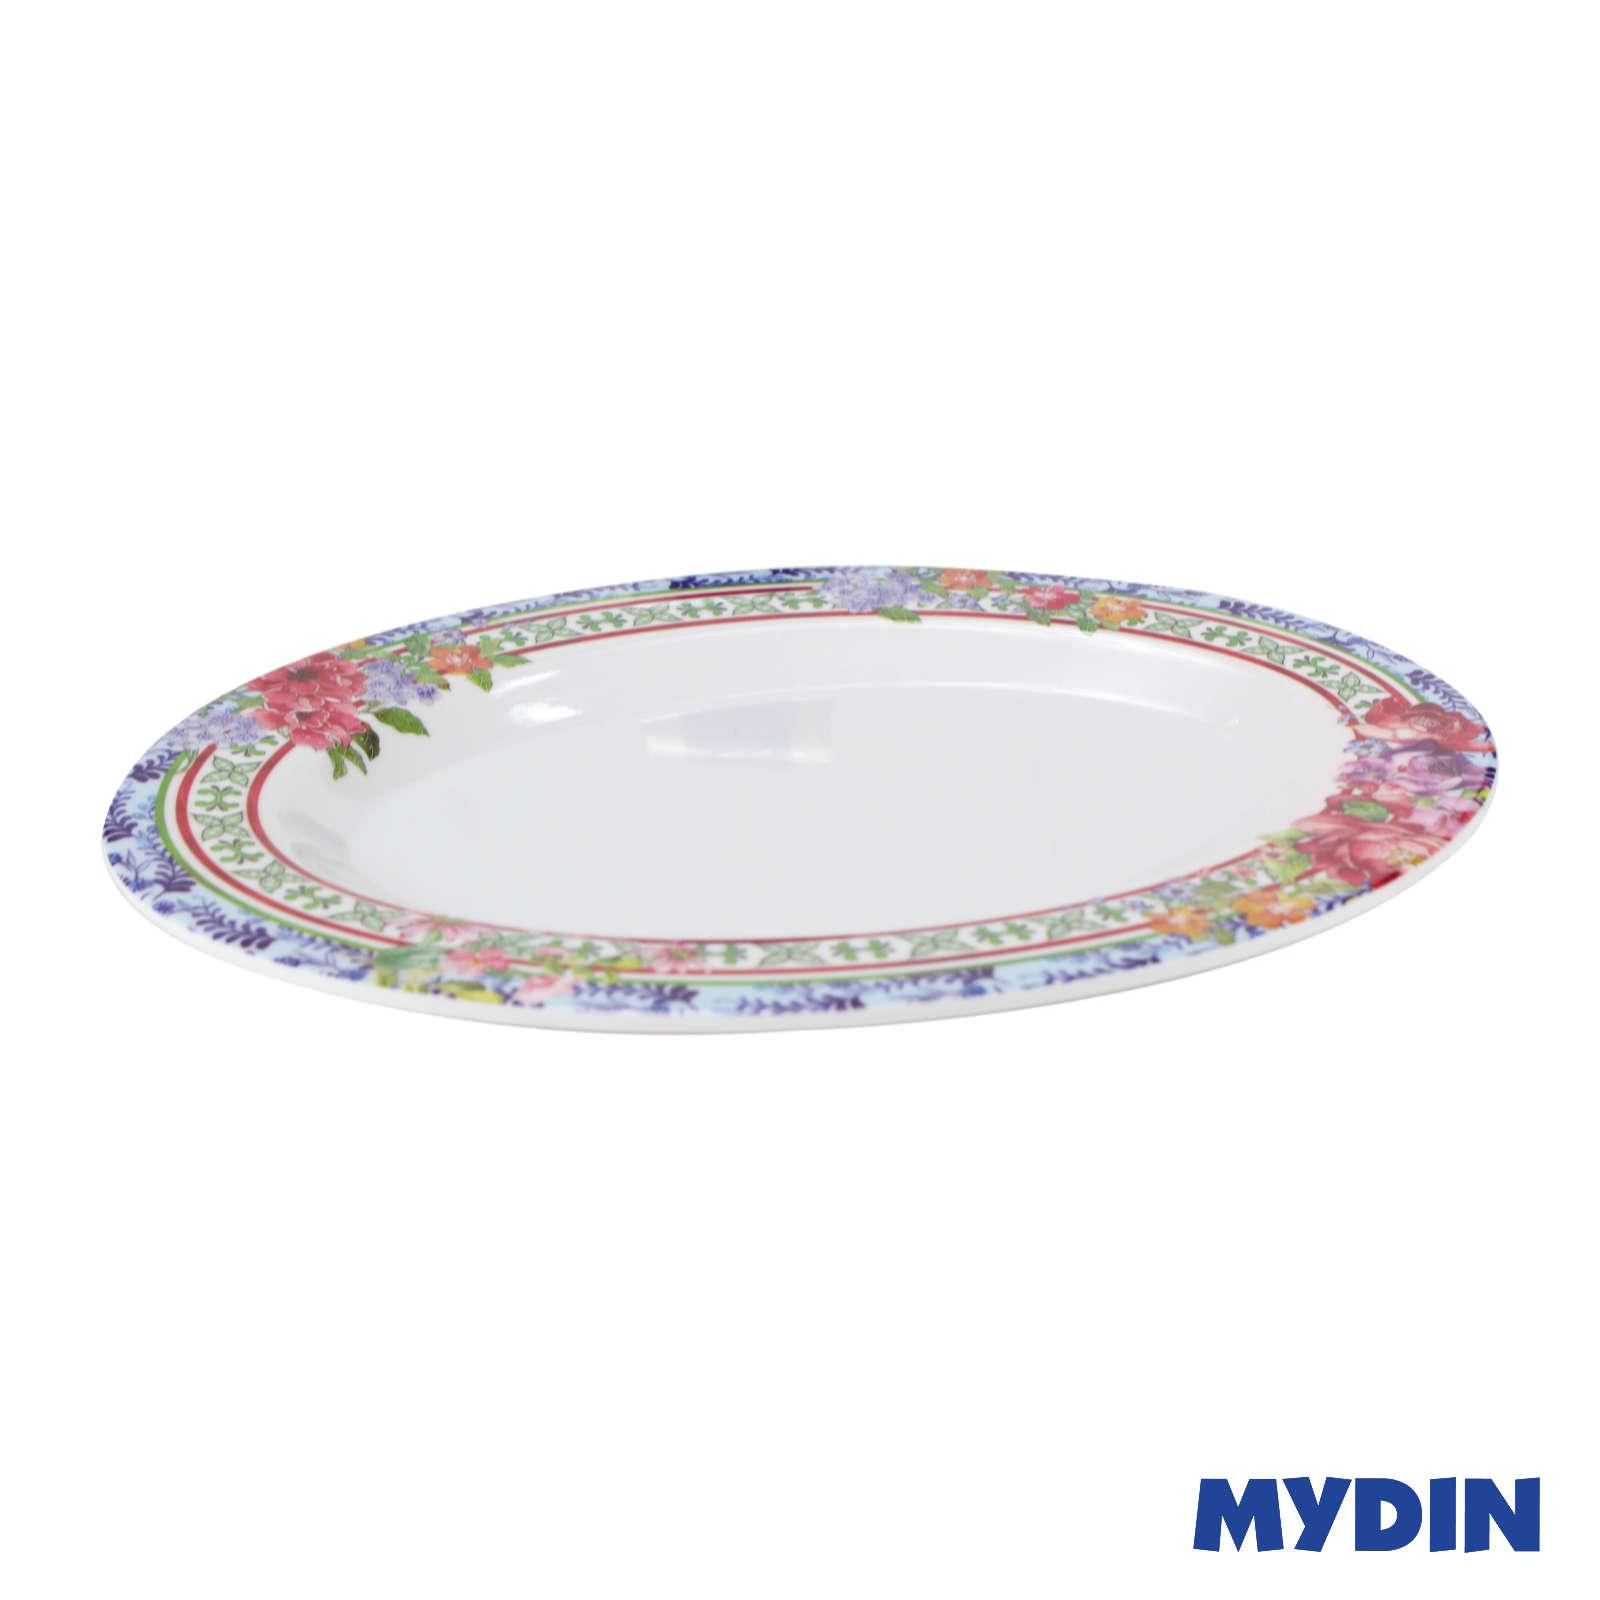 My Home Melamine Oval Plate 12 Inch FR HP-OV-12